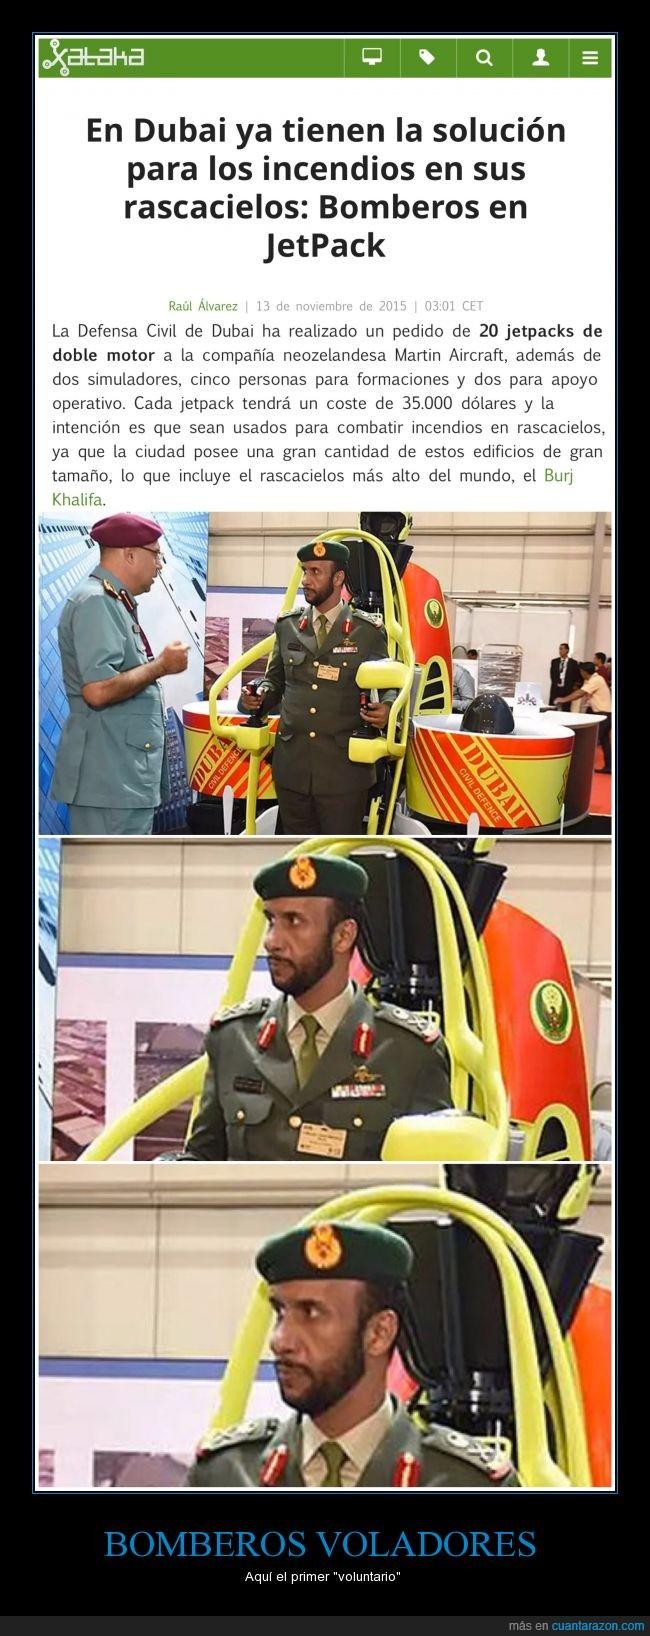 bombero,Dubai,Jetpack,me quiero ir,rascacielos,voluntario